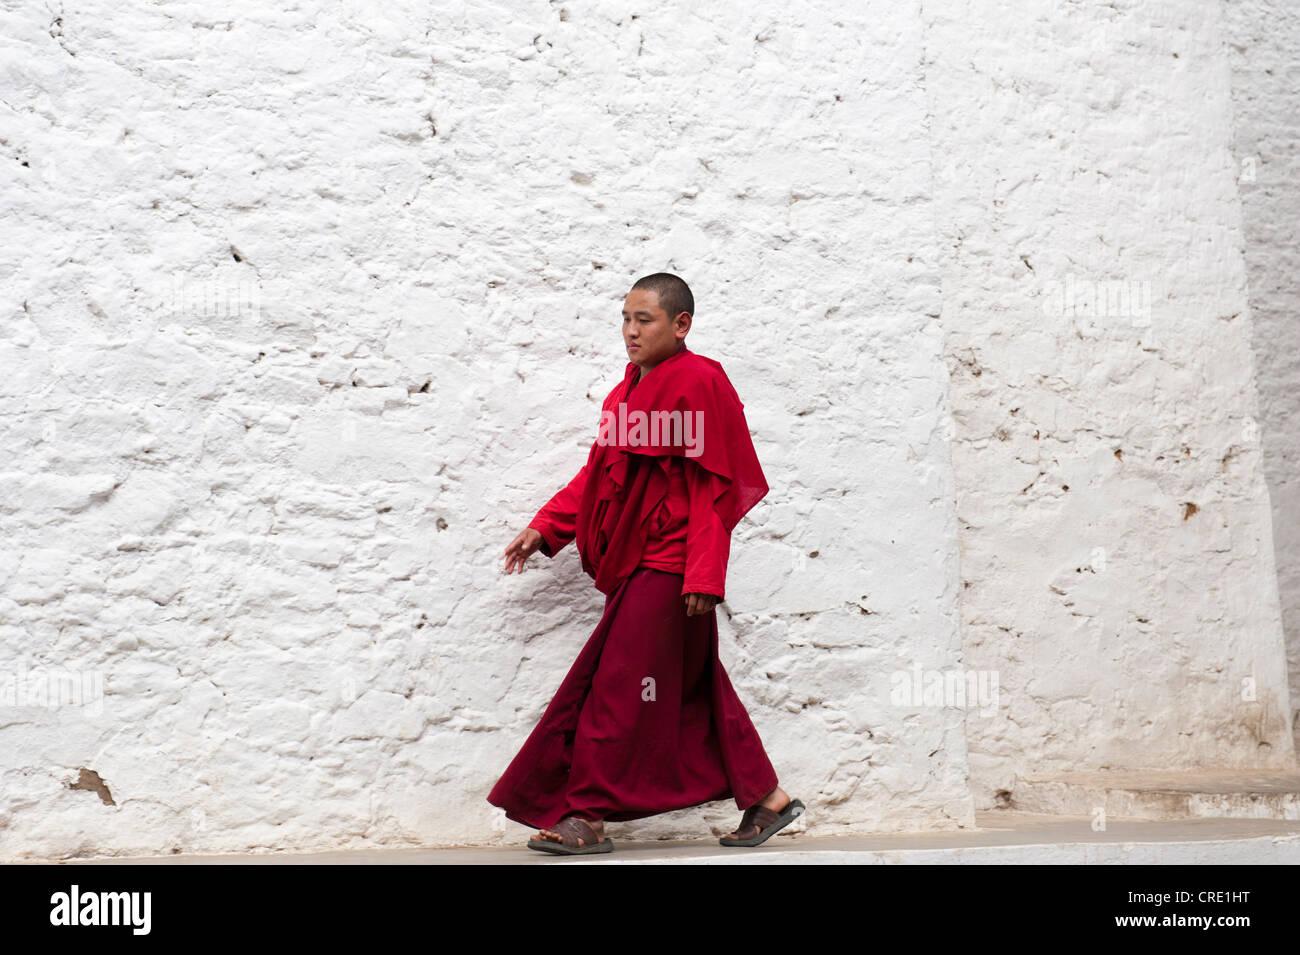 El budismo tibetano, monje en una túnica roja caminando delante de una pared blanca, Tango Goemba monasterio, cerca de Thimphu, la Himalaya Foto de stock